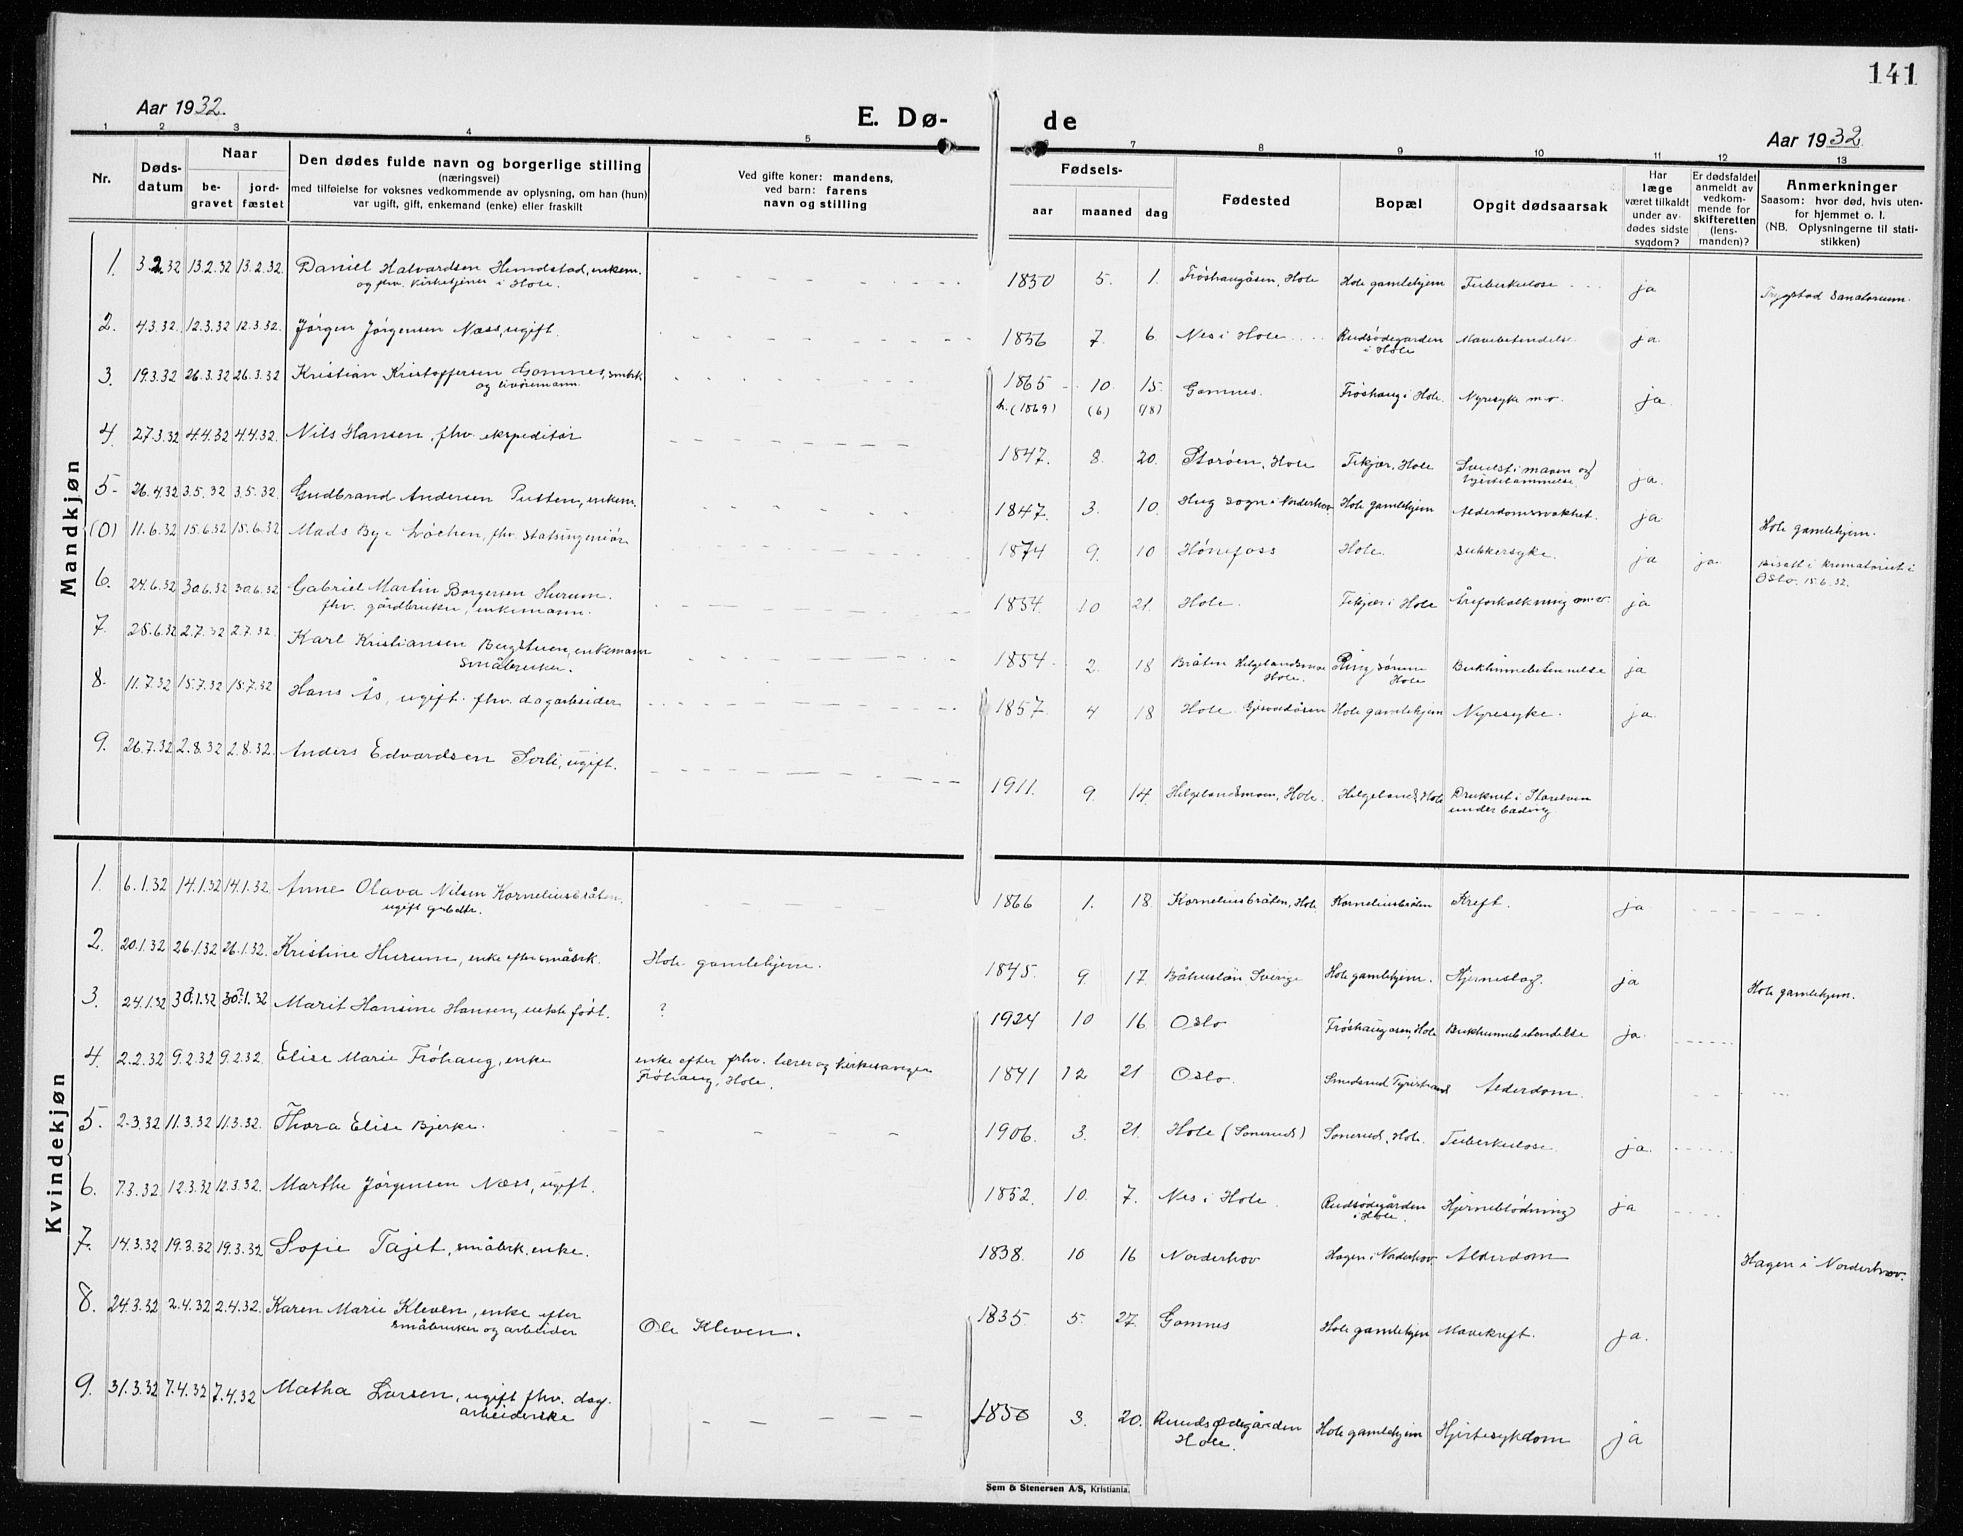 SAKO, Hole kirkebøker, G/Ga/L0005: Klokkerbok nr. I 5, 1924-1938, s. 141